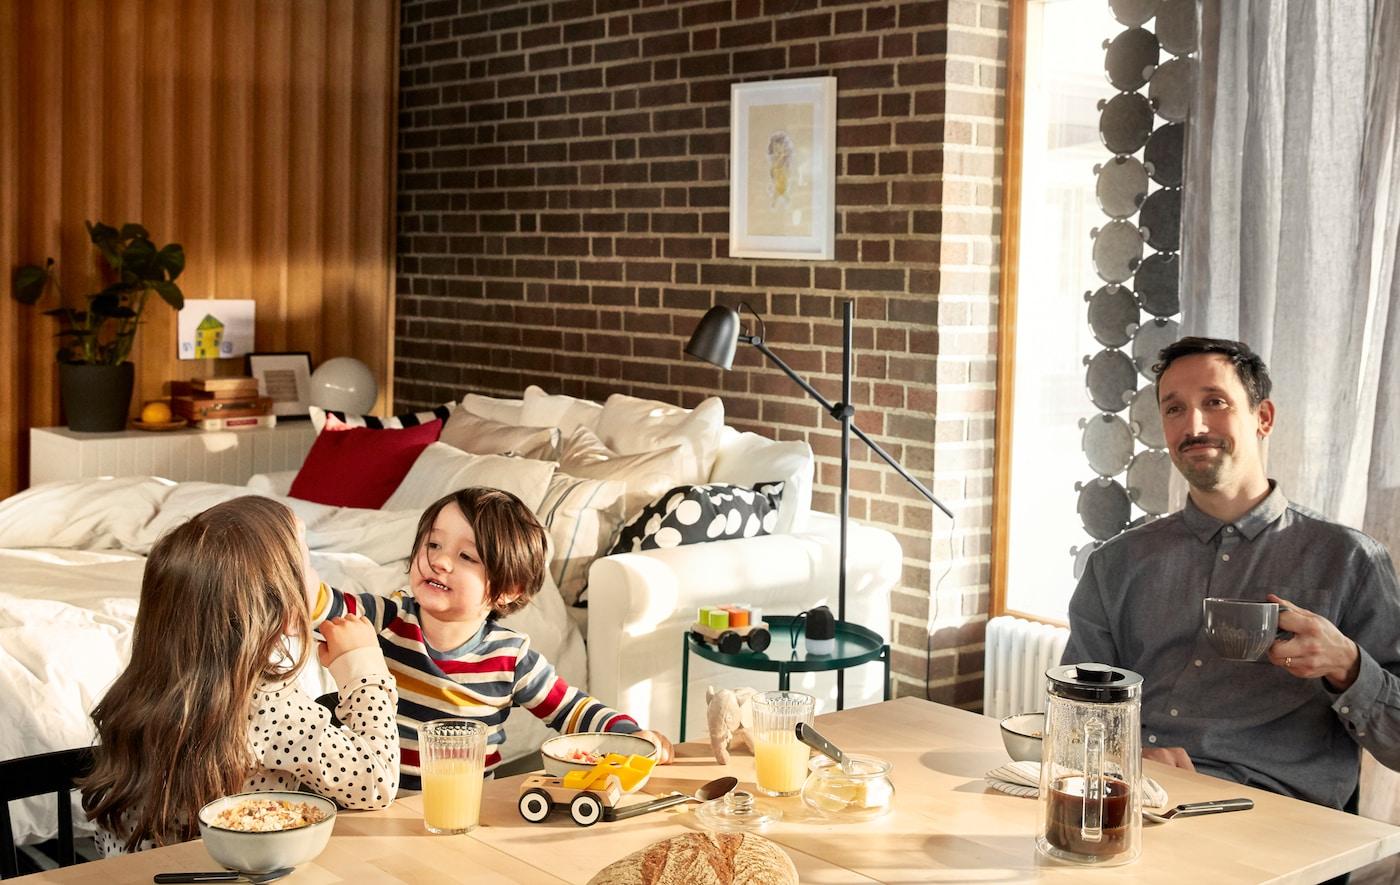 Ein Vater sitzt gelassen am Frühstückstisch und trinkt Kaffee, während seine beiden Kinder neben ihm mit ihrem Essen spielen.